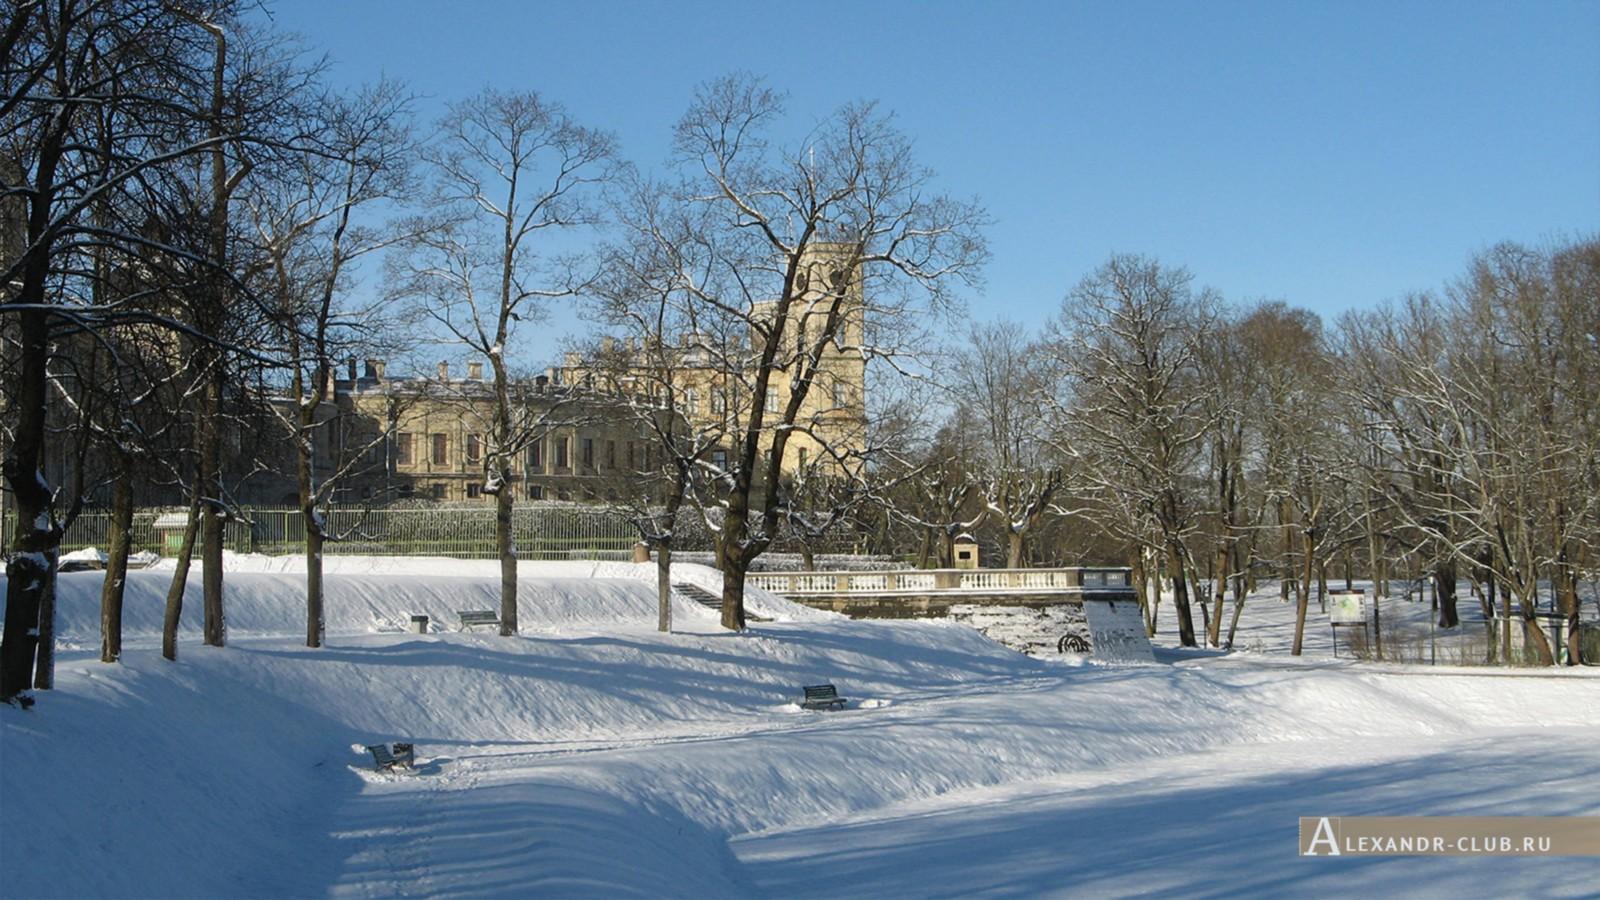 Вид на дворец со стороны Голландского сада, Гатчинский парк